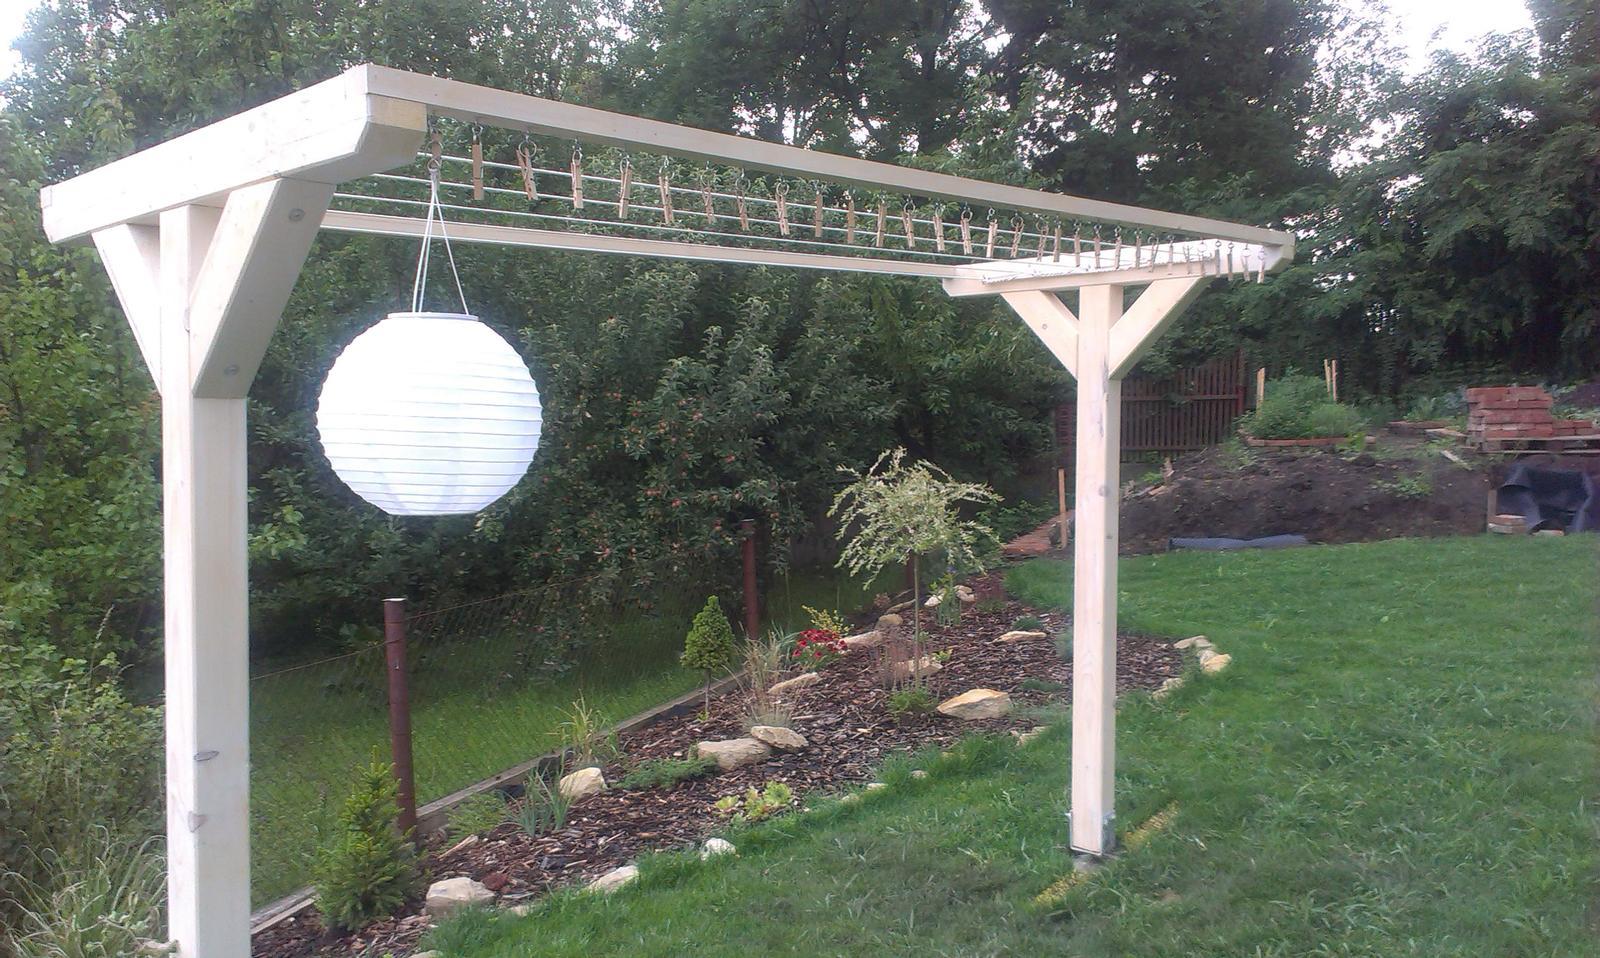 Záhrada - kompletka, už periem prvú várku na testovaciu jazdu...